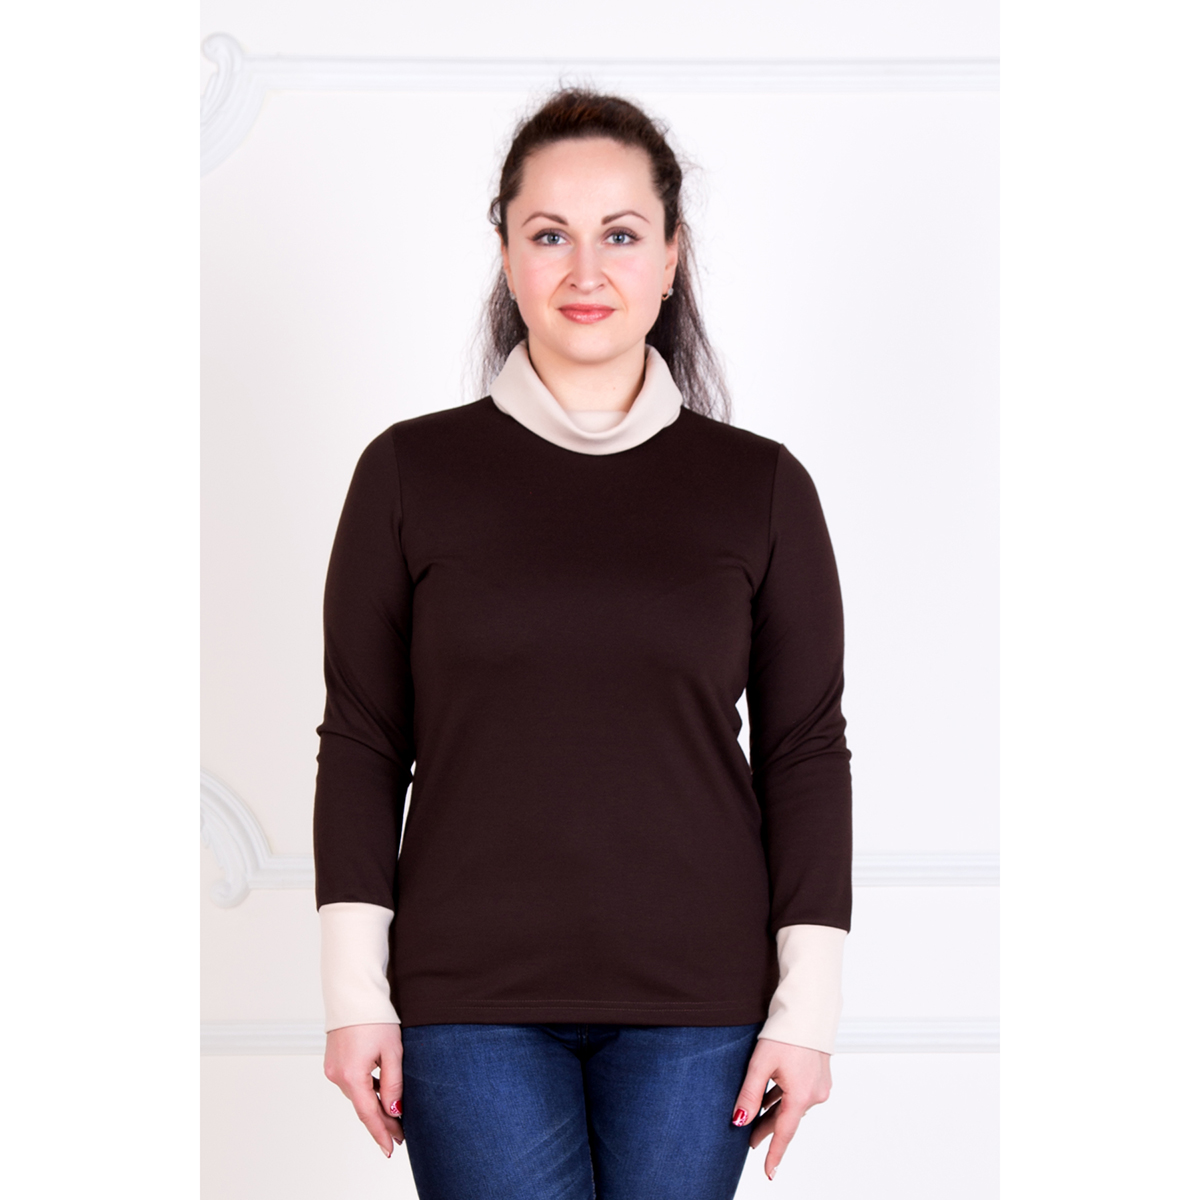 Женская блуза Стайл Темно-коричневый, размер 44Блузы<br>Обхват груди: 88 см <br>Обхват талии: 68 см <br>Обхват бедер: 96 см <br>Рост: 167 см<br><br>Тип: Жен. блуза<br>Размер: 44<br>Материал: Милано